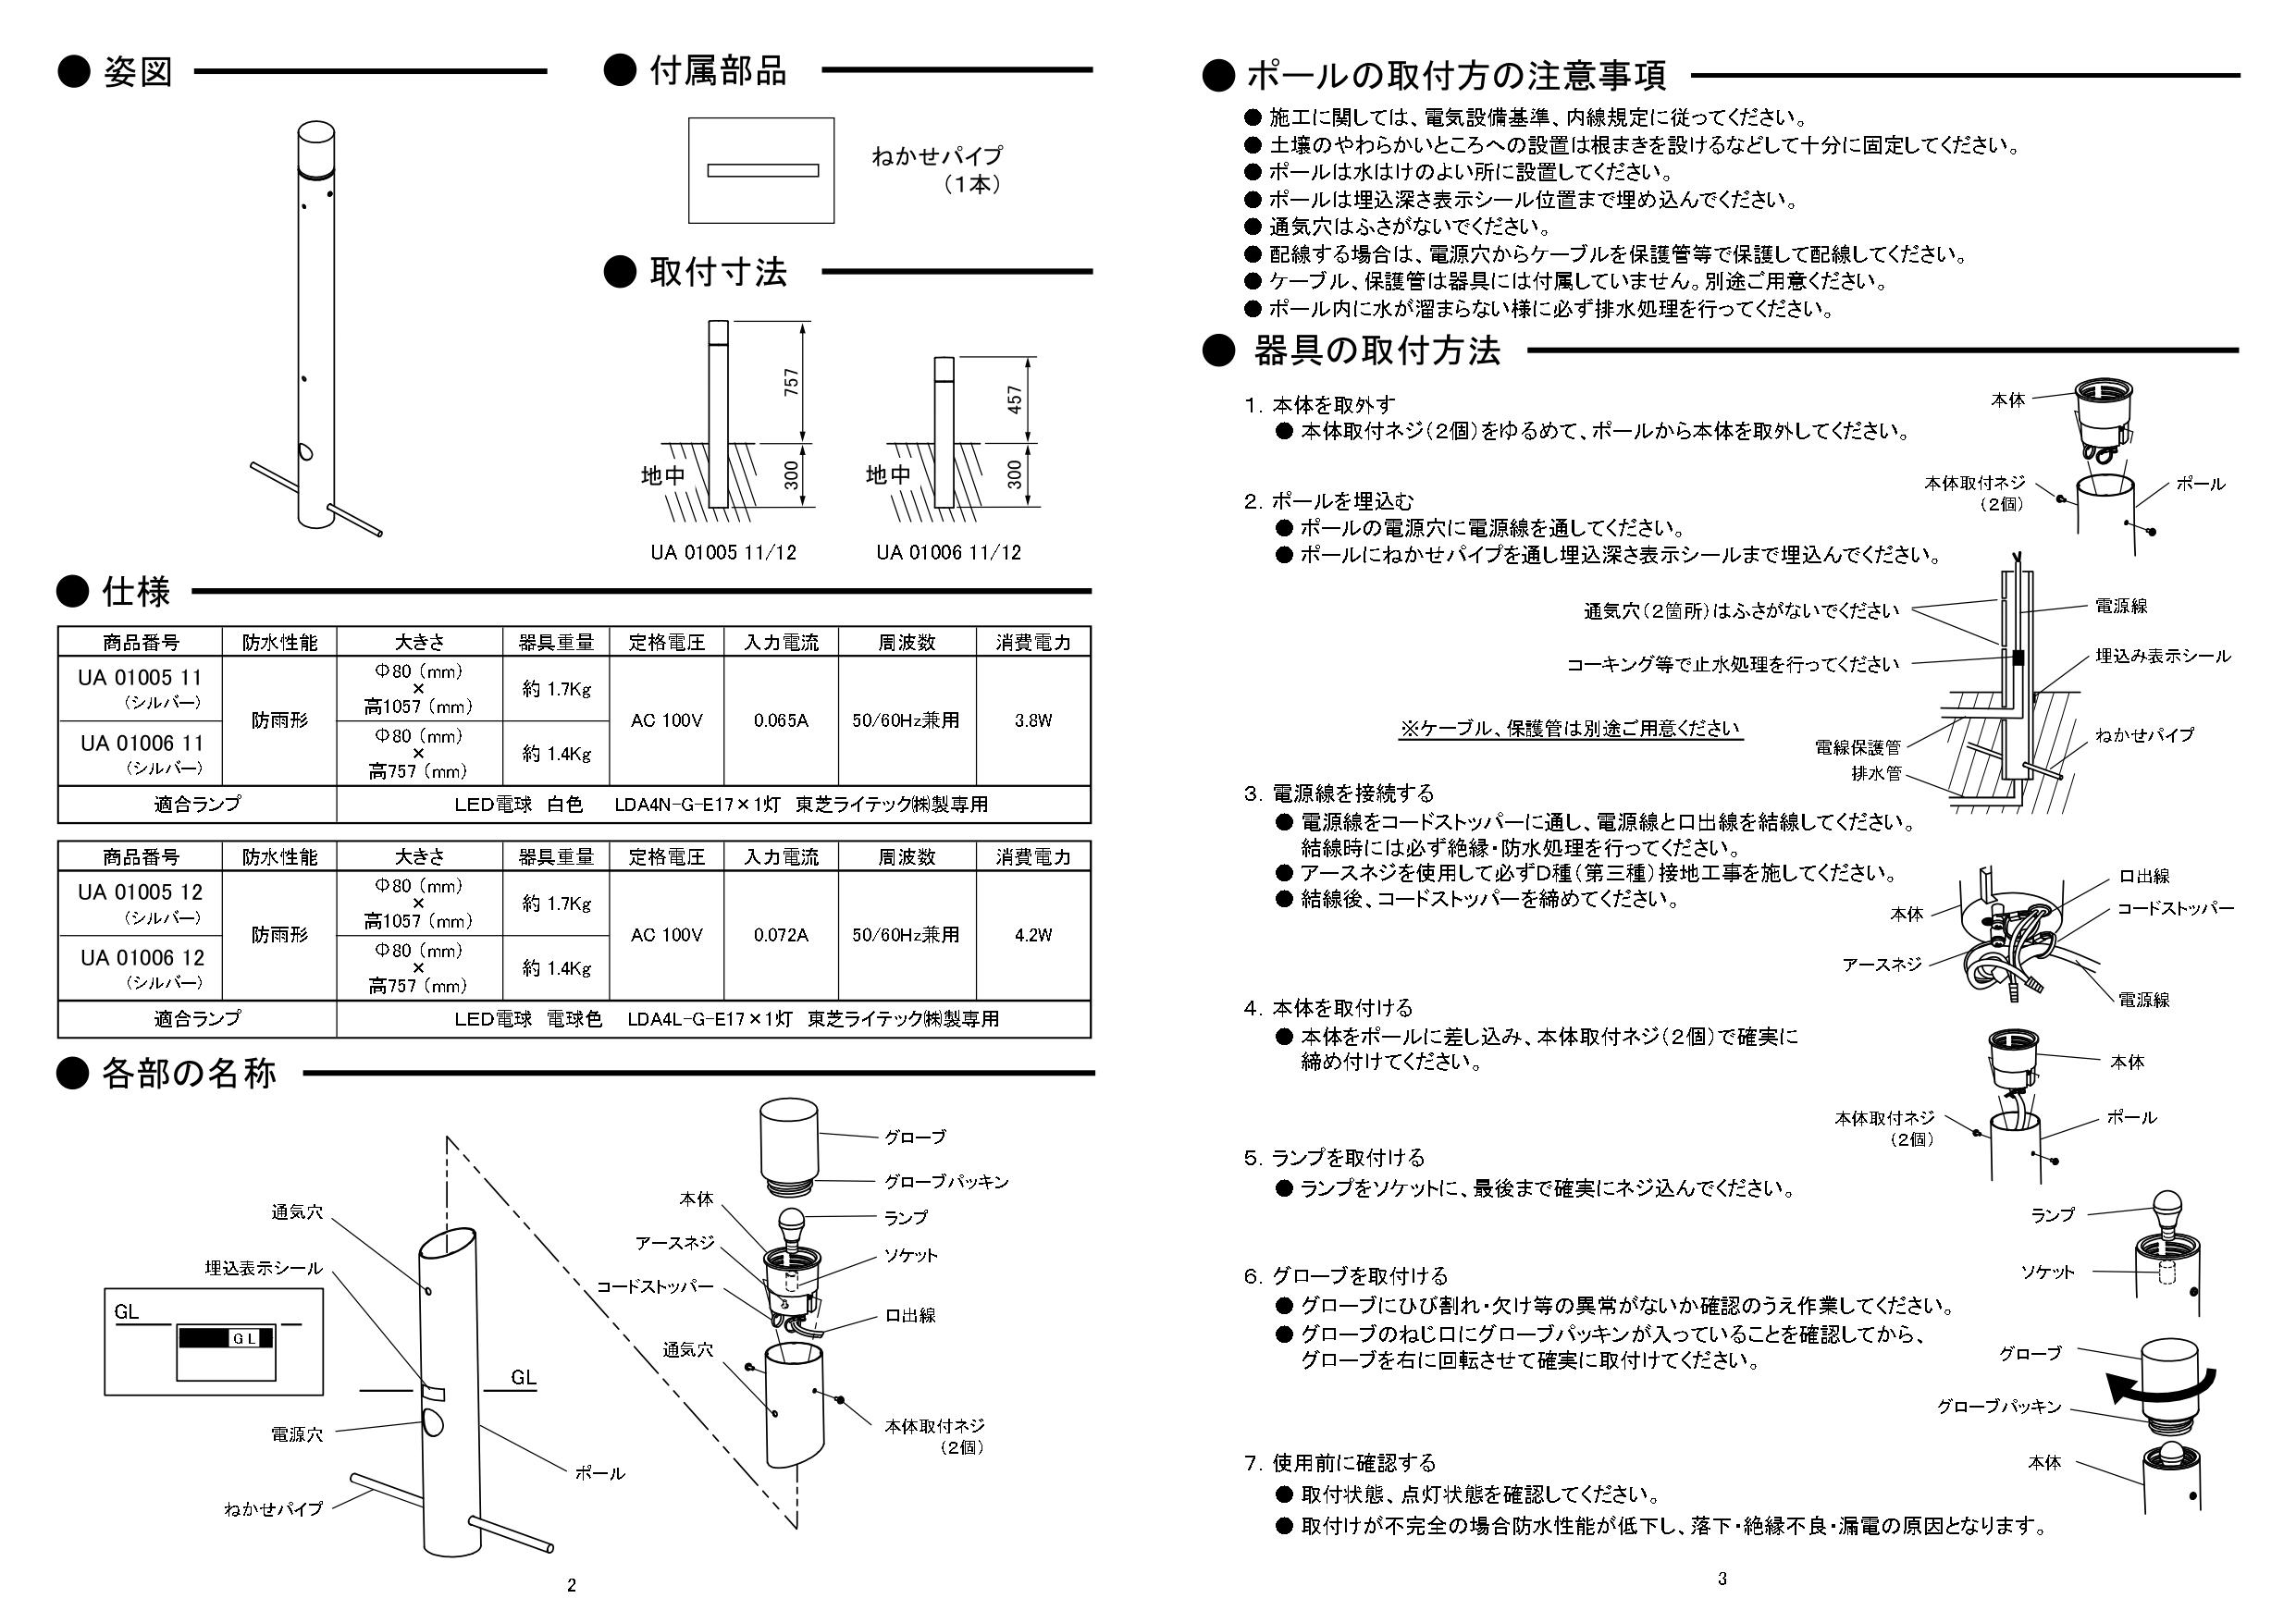 ポージィポールライト UA 01005 11、12_取扱説明書_page-0002